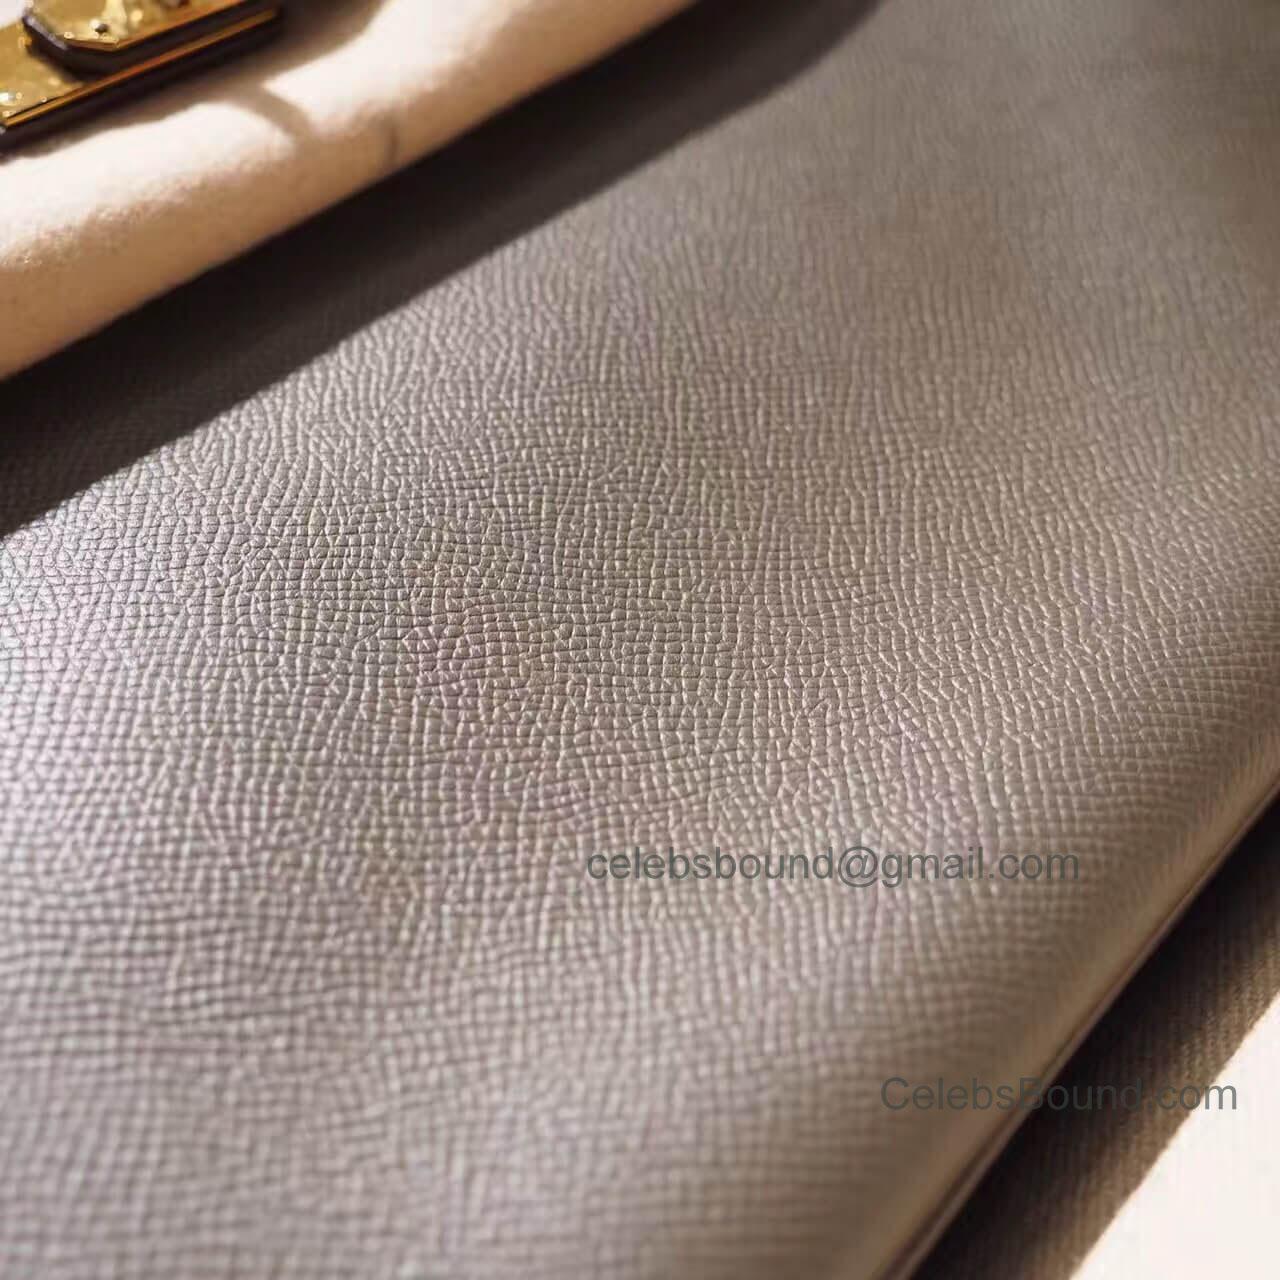 6de1348bc18d Hermes Birkin 30 Handbag in 8f Etain Epsom GHW -